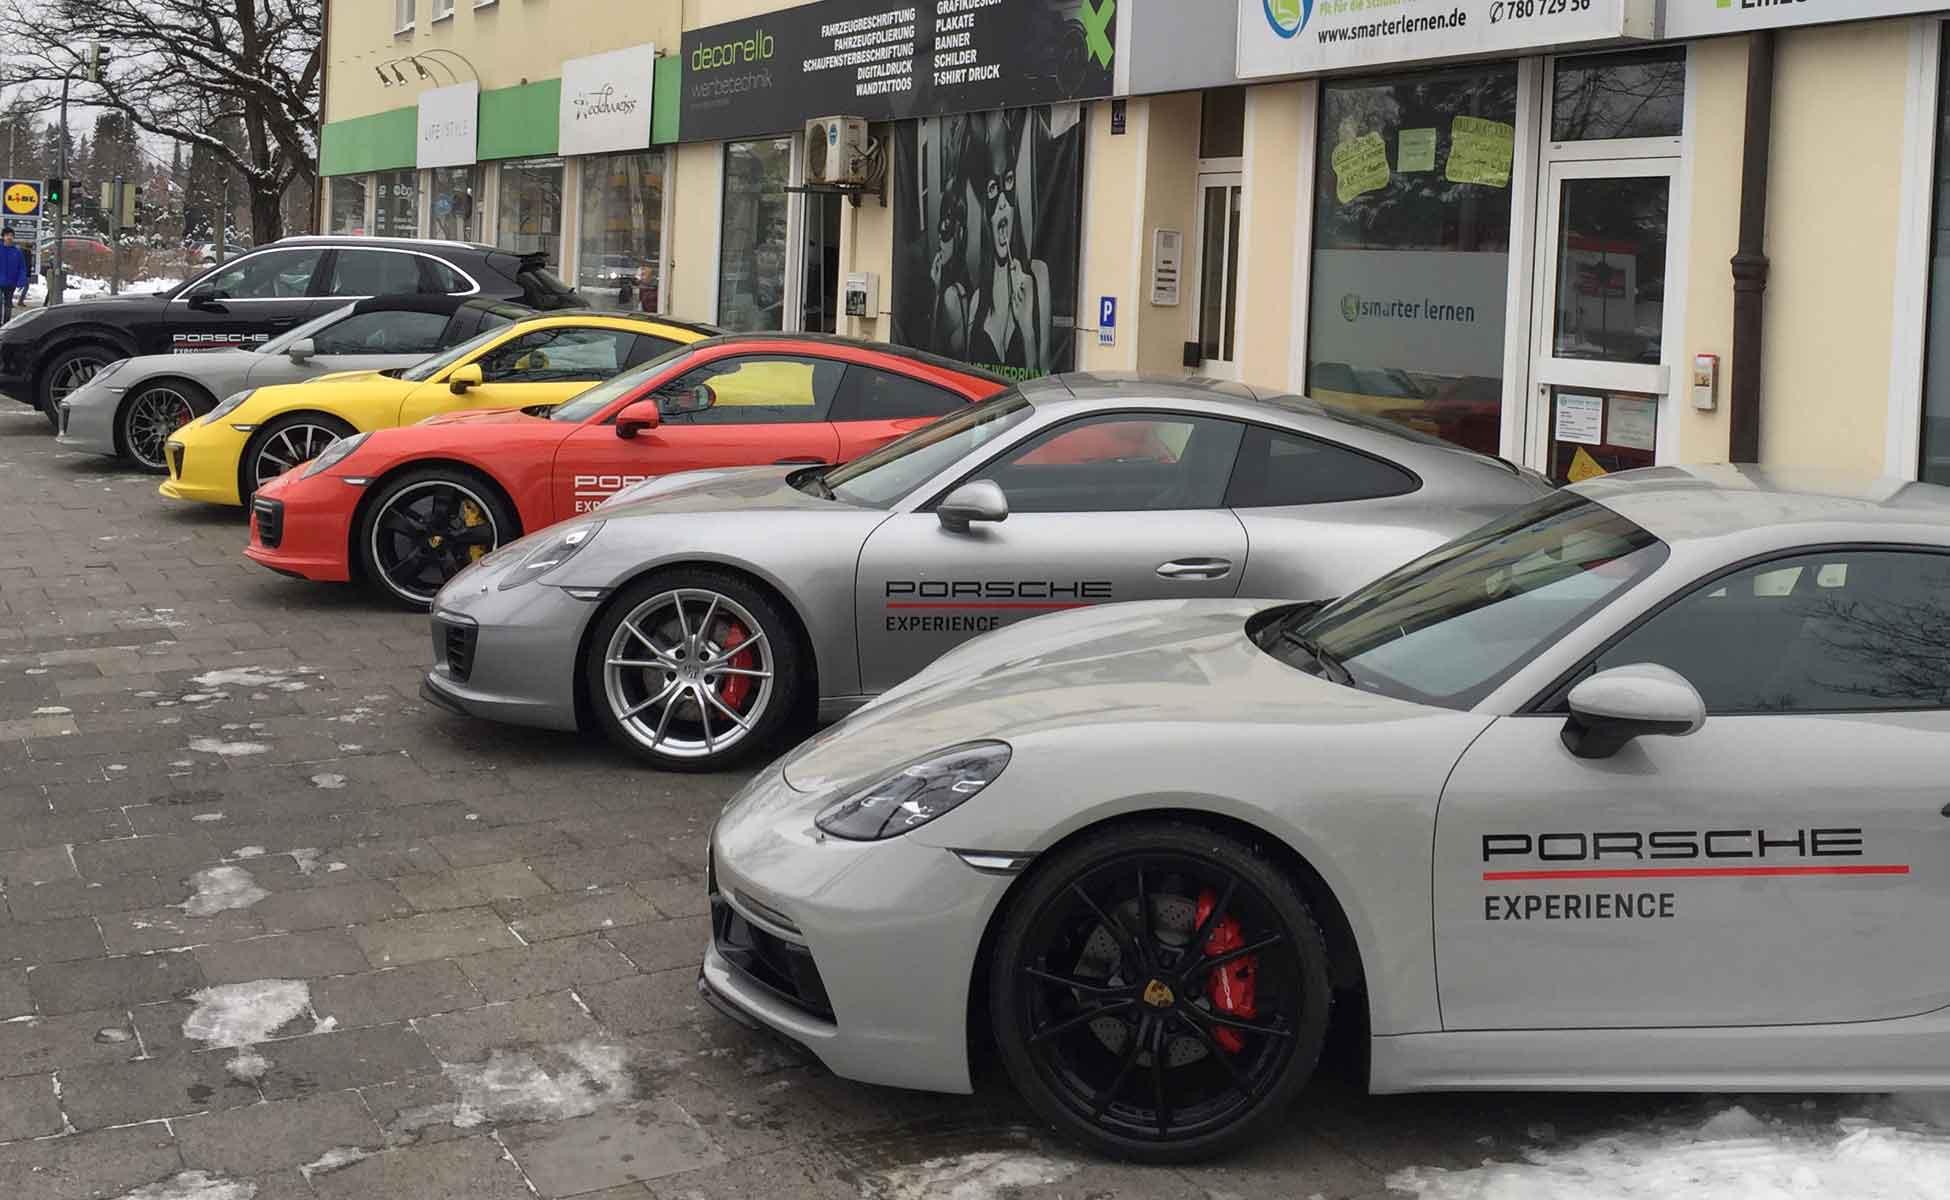 Auto-Beschriftung in München, für Events als kurzfristige Beschriftung